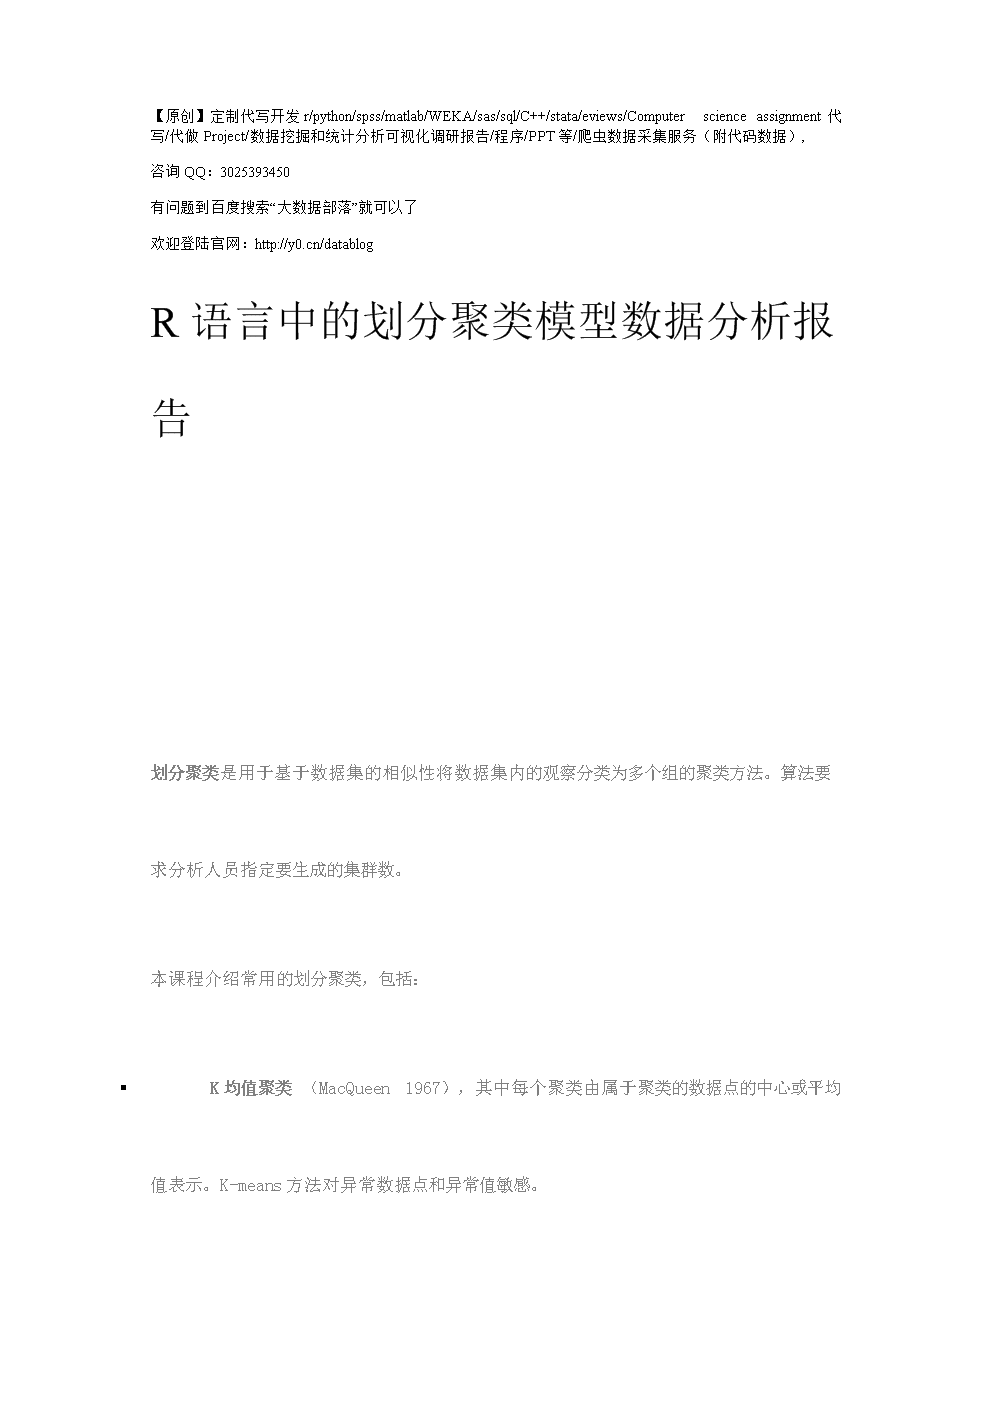 【原創】R語言中的劃分聚類模型數據分析報告論文(附代碼數據).docx